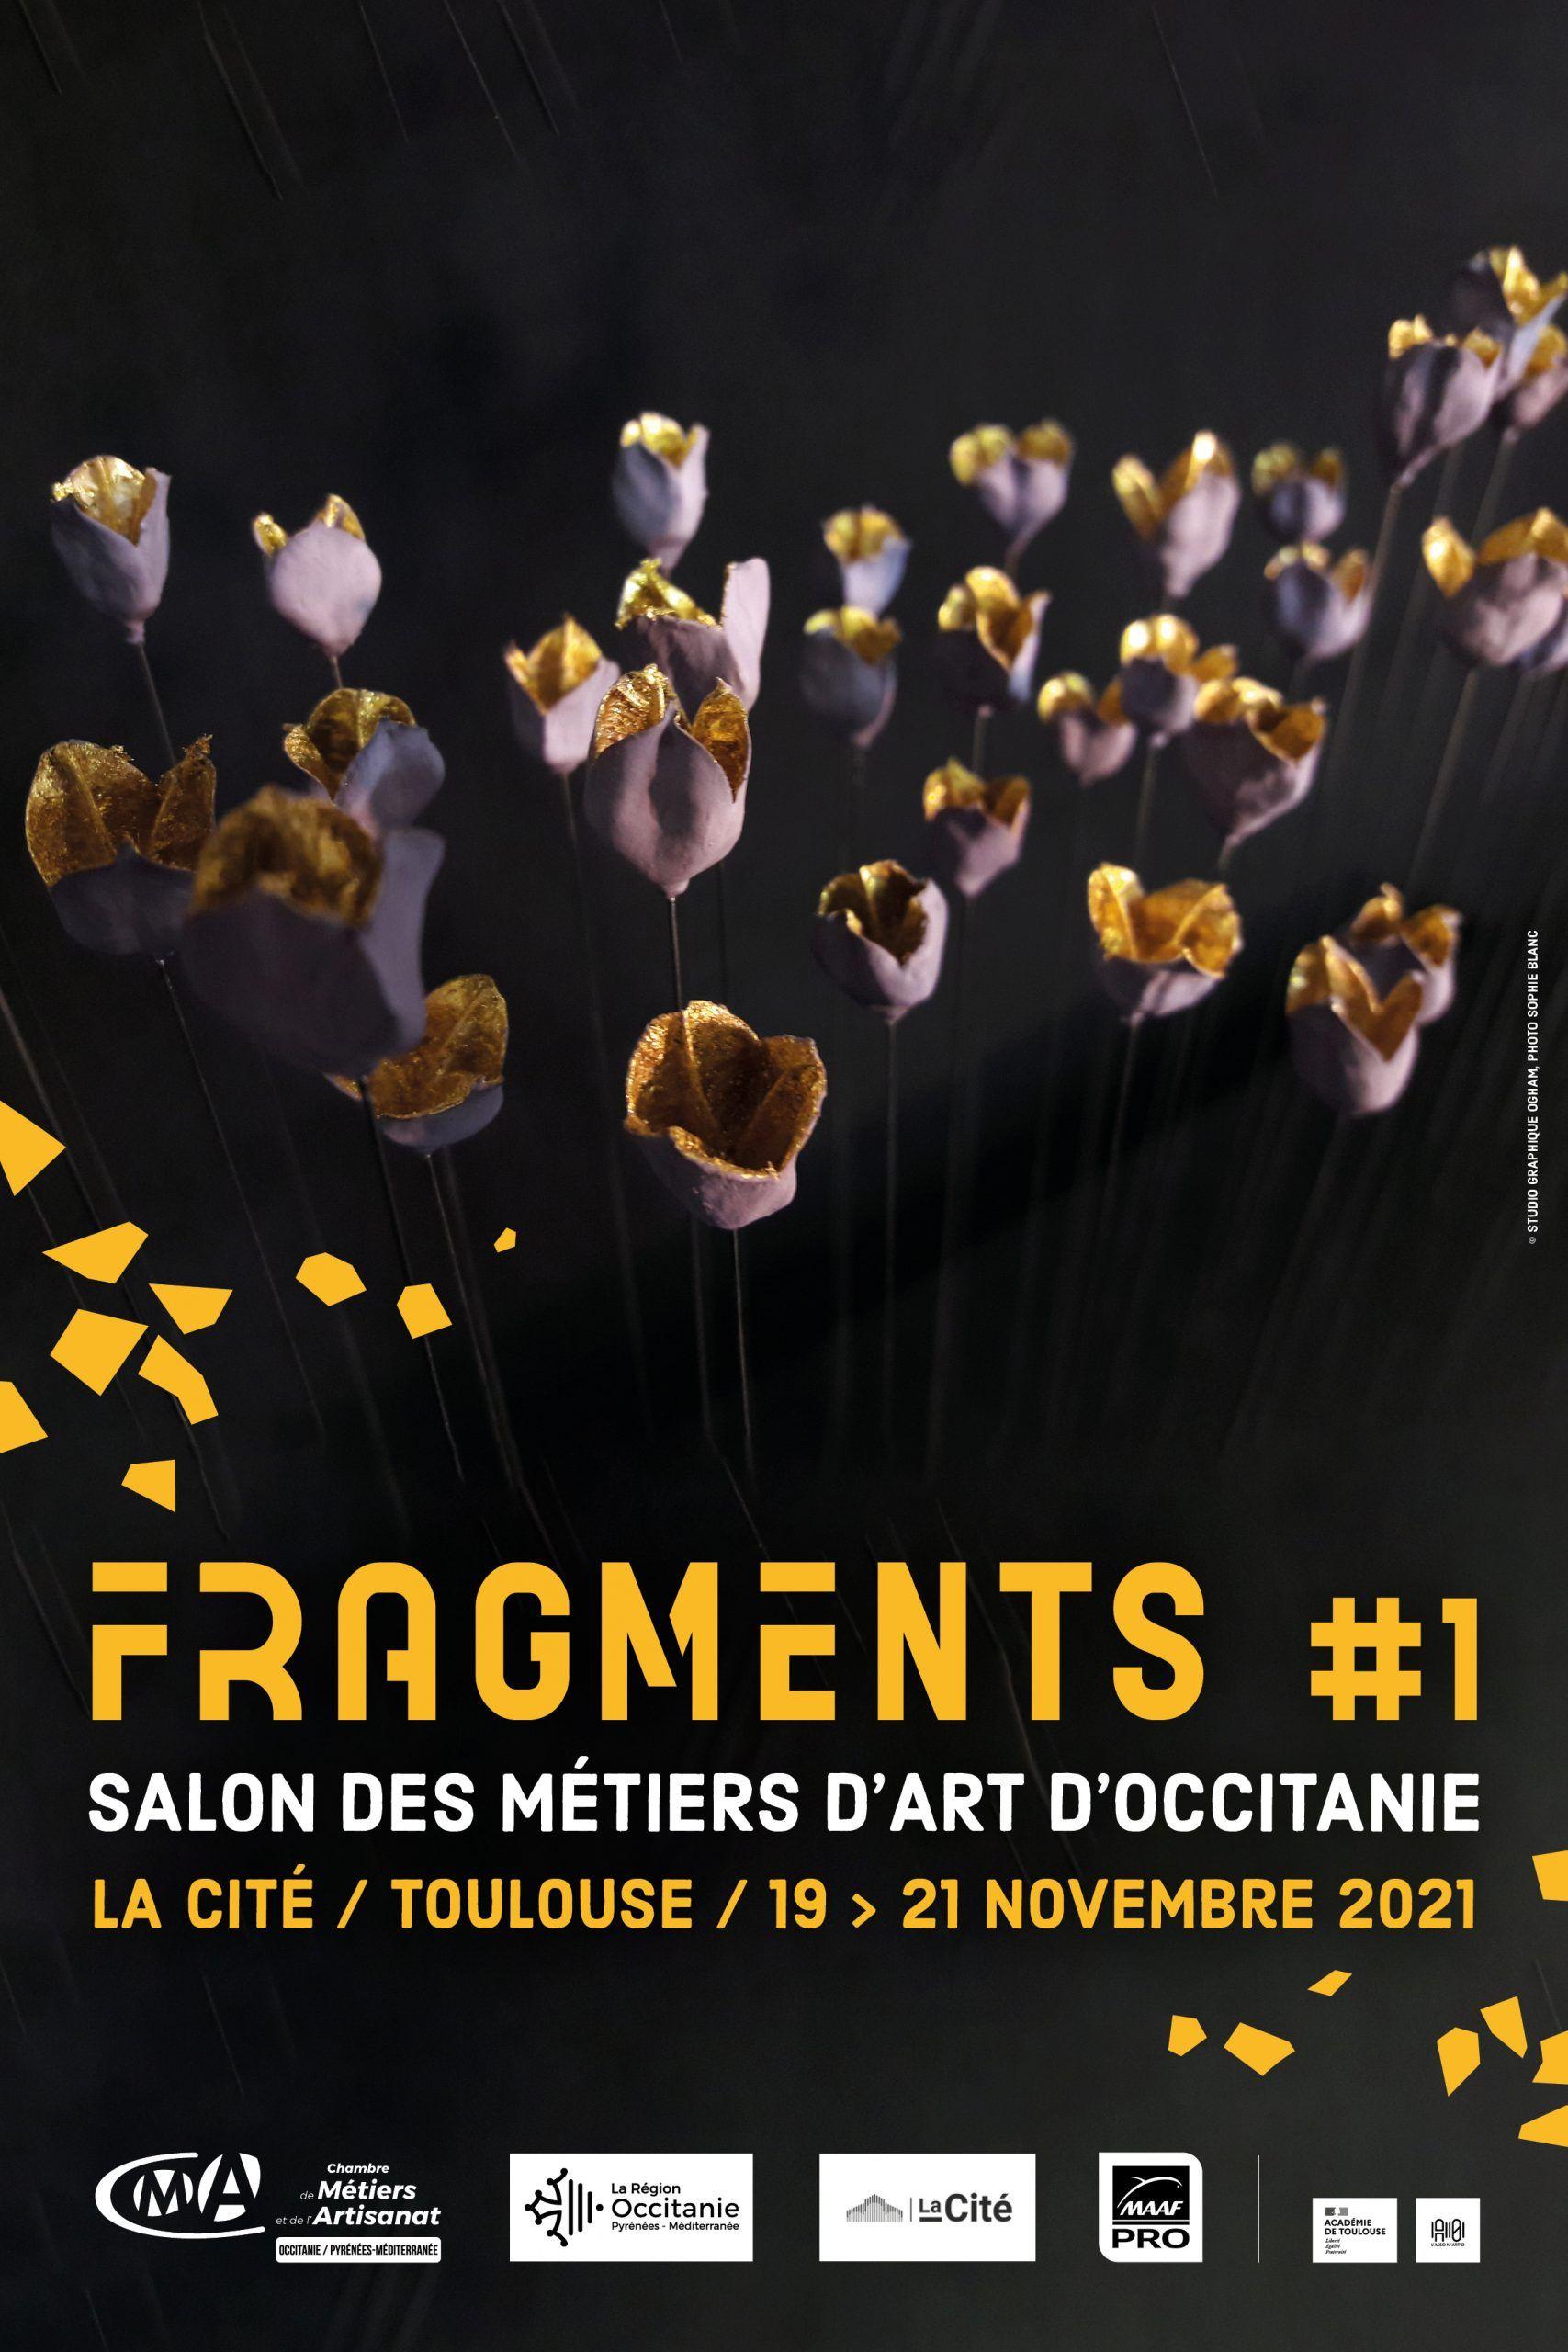 Salon des métiers d'art d'Occitanie 2021